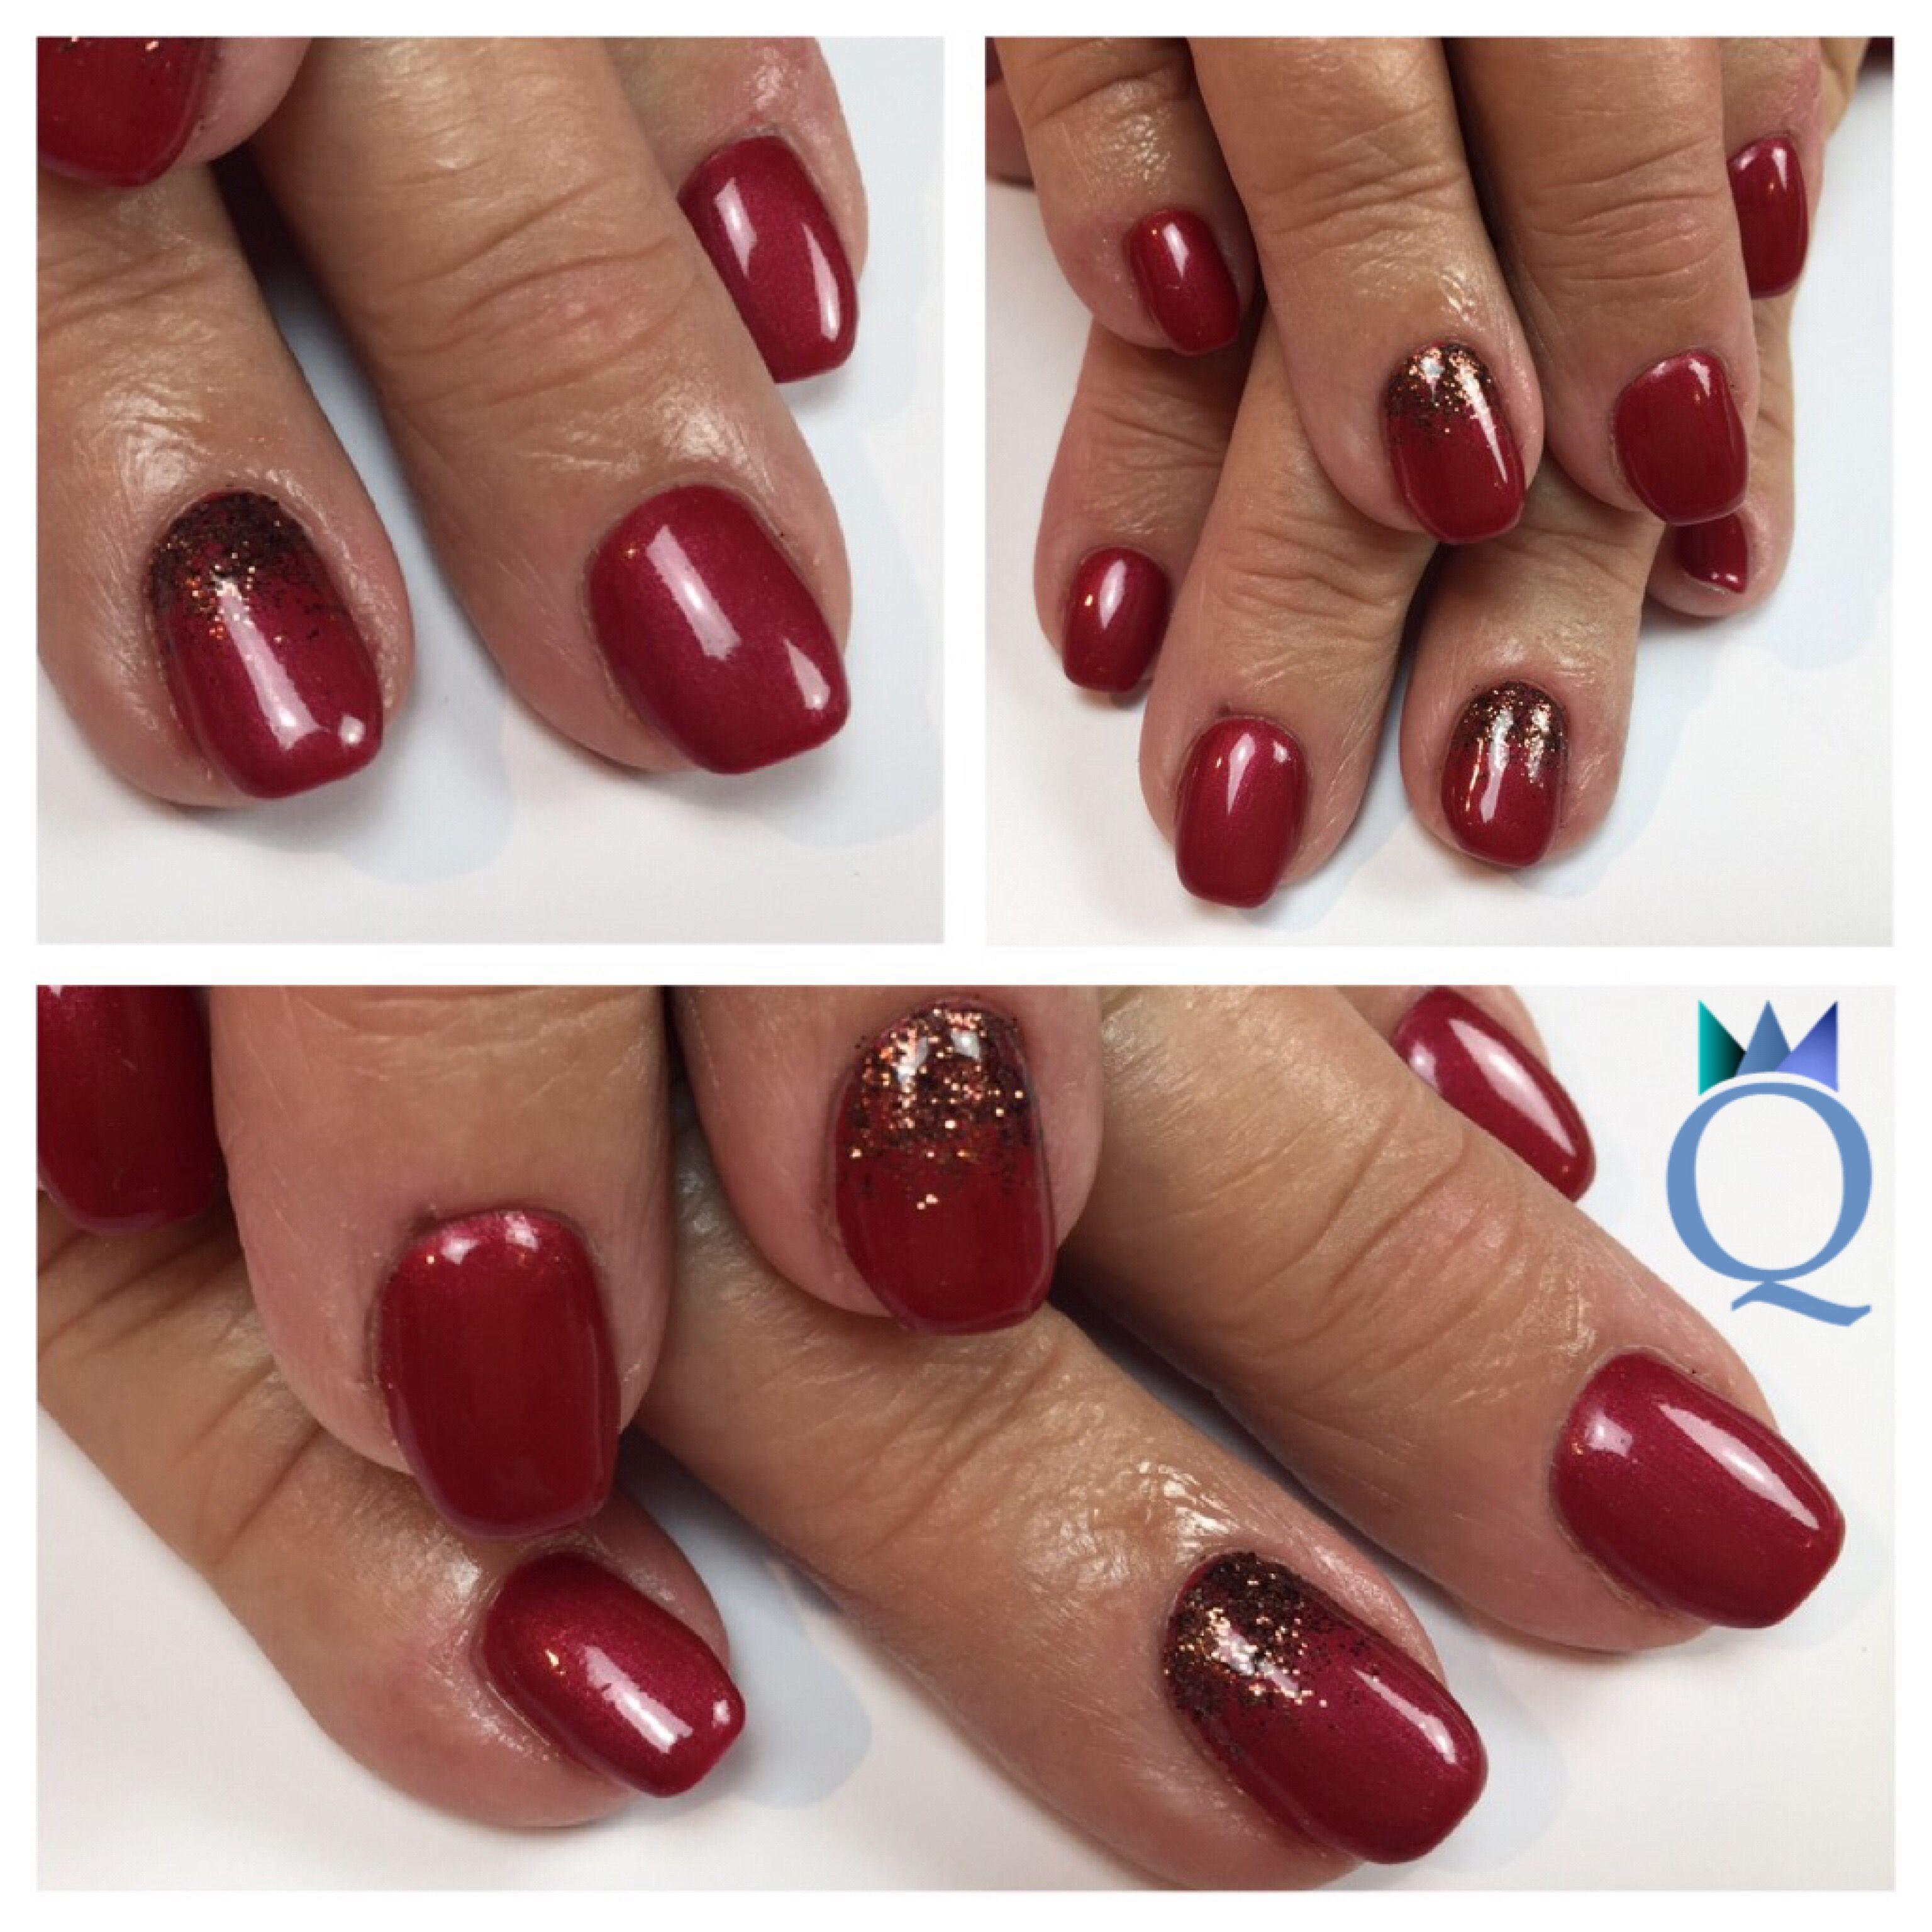 shortnails gelnails nails red brown glitter. Black Bedroom Furniture Sets. Home Design Ideas